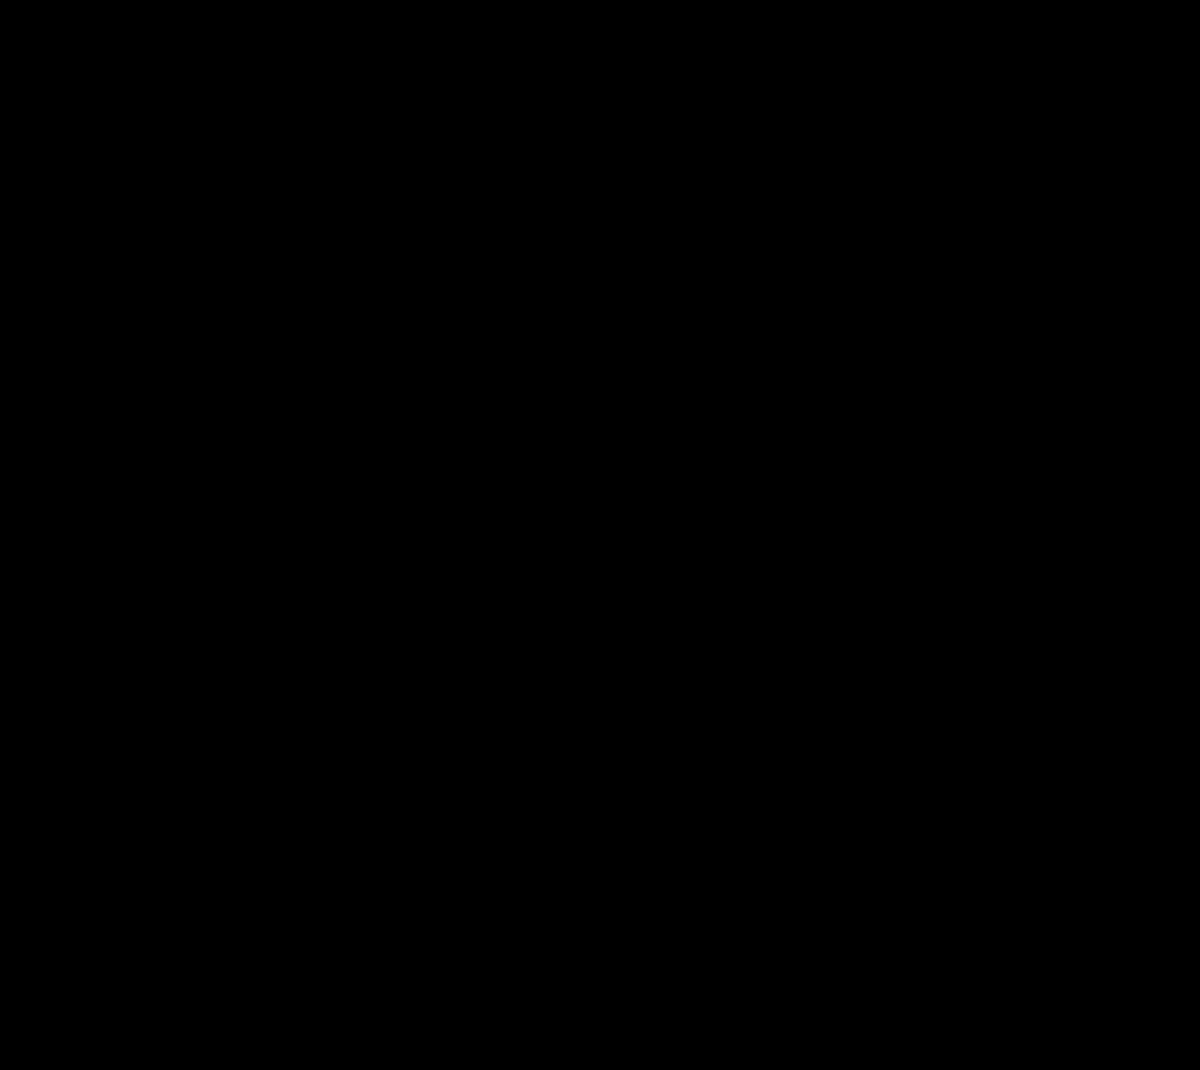 صورة كتابة الحروف الفرنسية مزخرفة , كيببورد لغه فرنسيه مزخرف